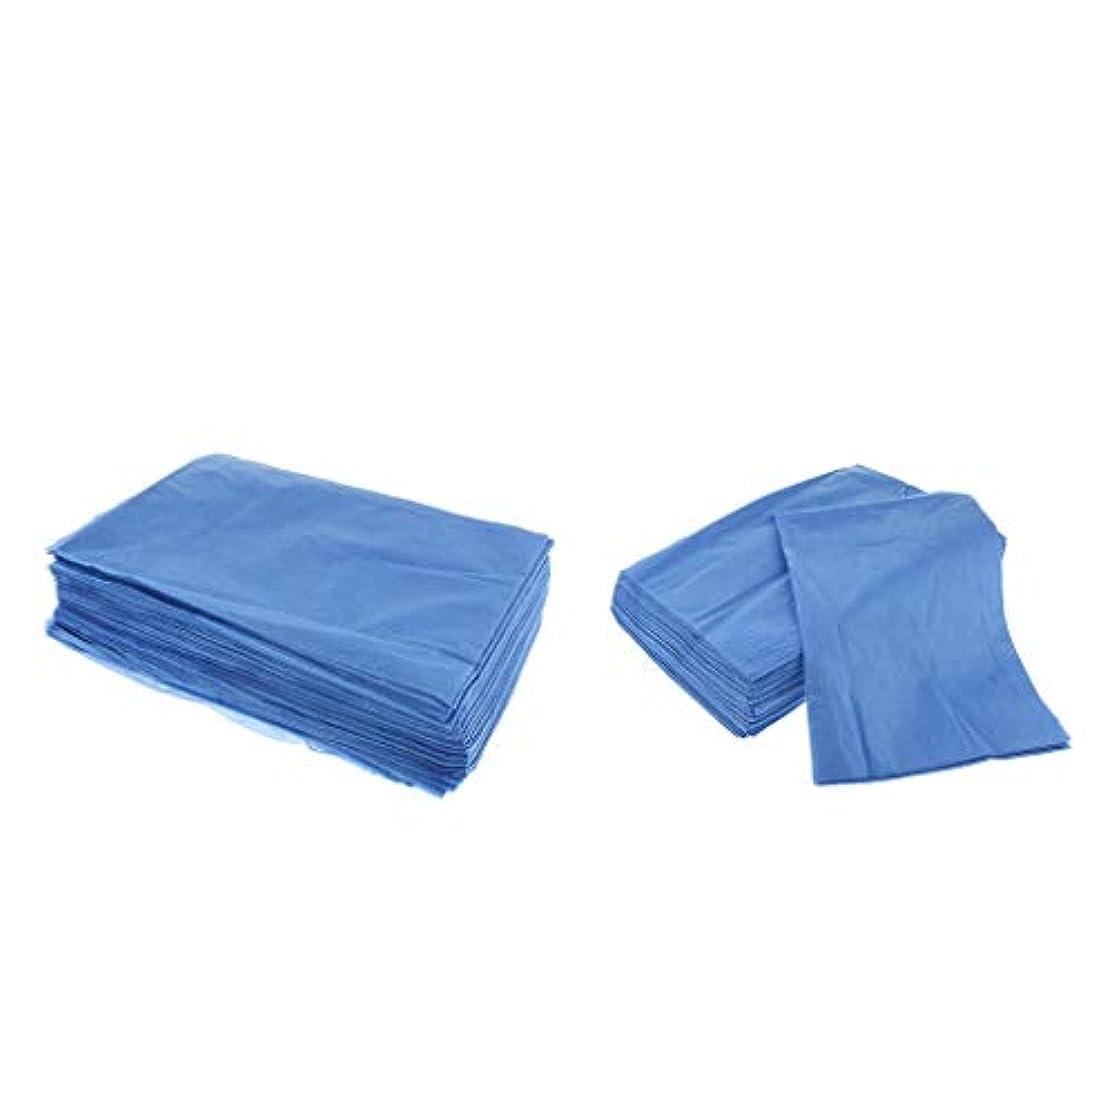 既婚イル詳細にHellery 40ピース/枚/個/枚のパック、失禁用不織布使い捨てシーツ紙、マッサージテーブルシート、フェイシャルビューティー